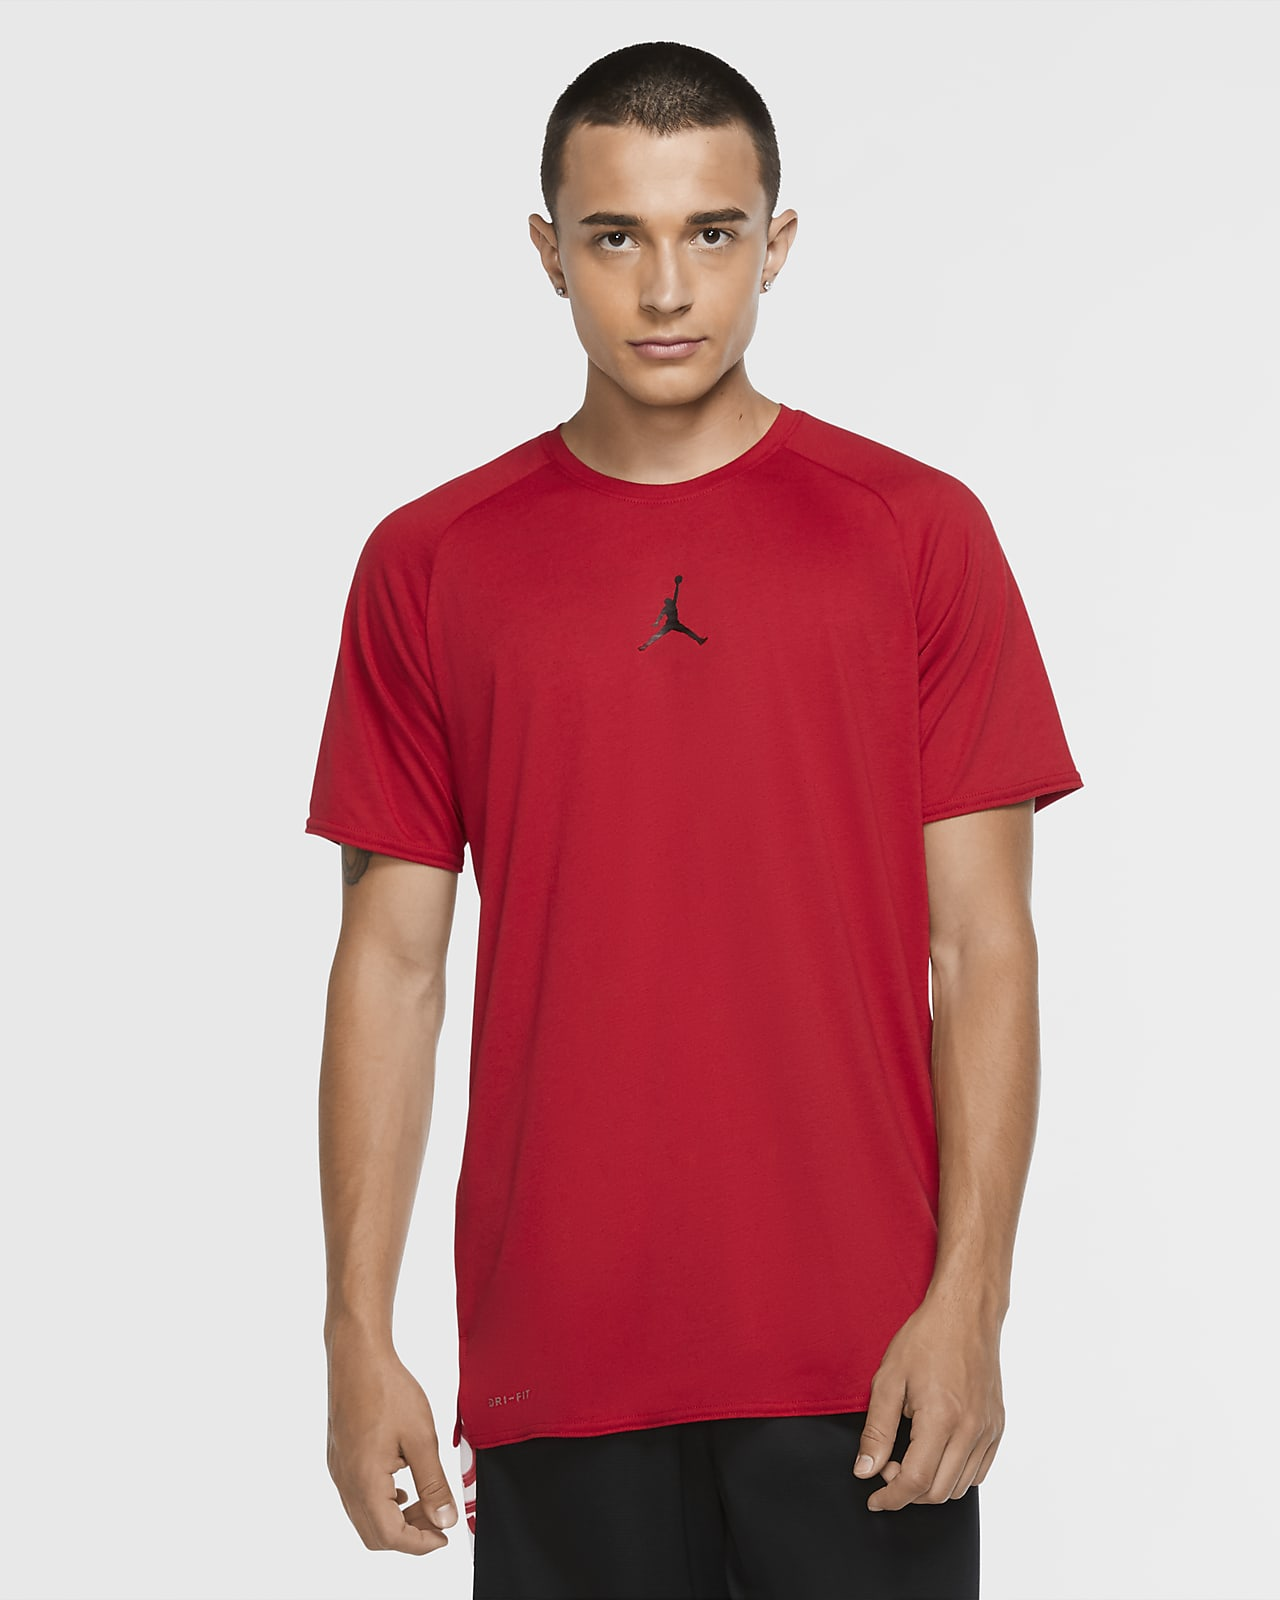 Ανδρική κοντομάνικη μπλούζα προπόνησης Jordan Air